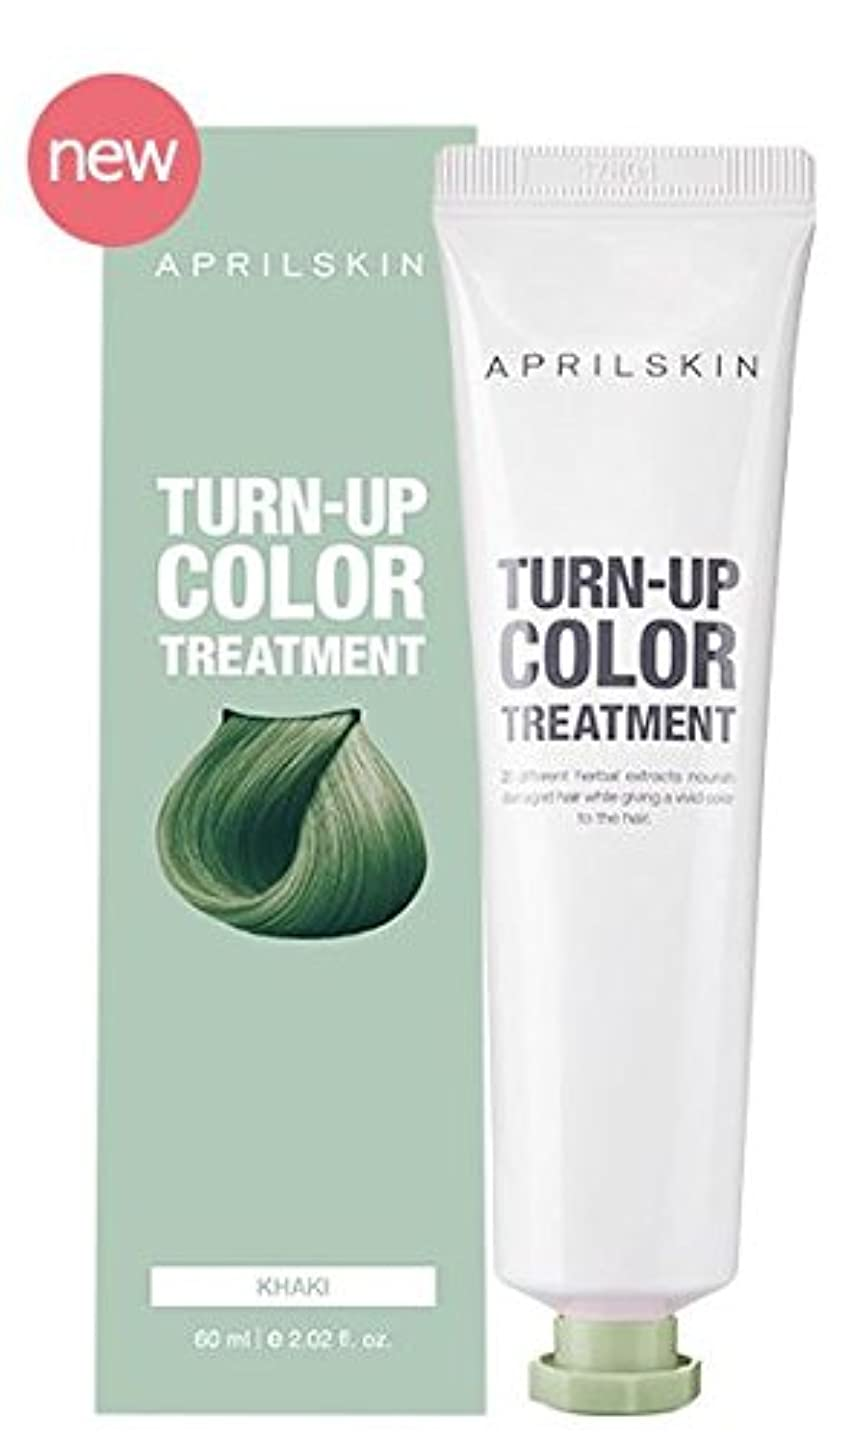 モバイル方程式測定可能APRIL SKIN Turn-up Color Treatment 60ml/エイプリルスキン ターン アップ カラー トリートメント 60ml (#Khaki (New Color)) [並行輸入品]